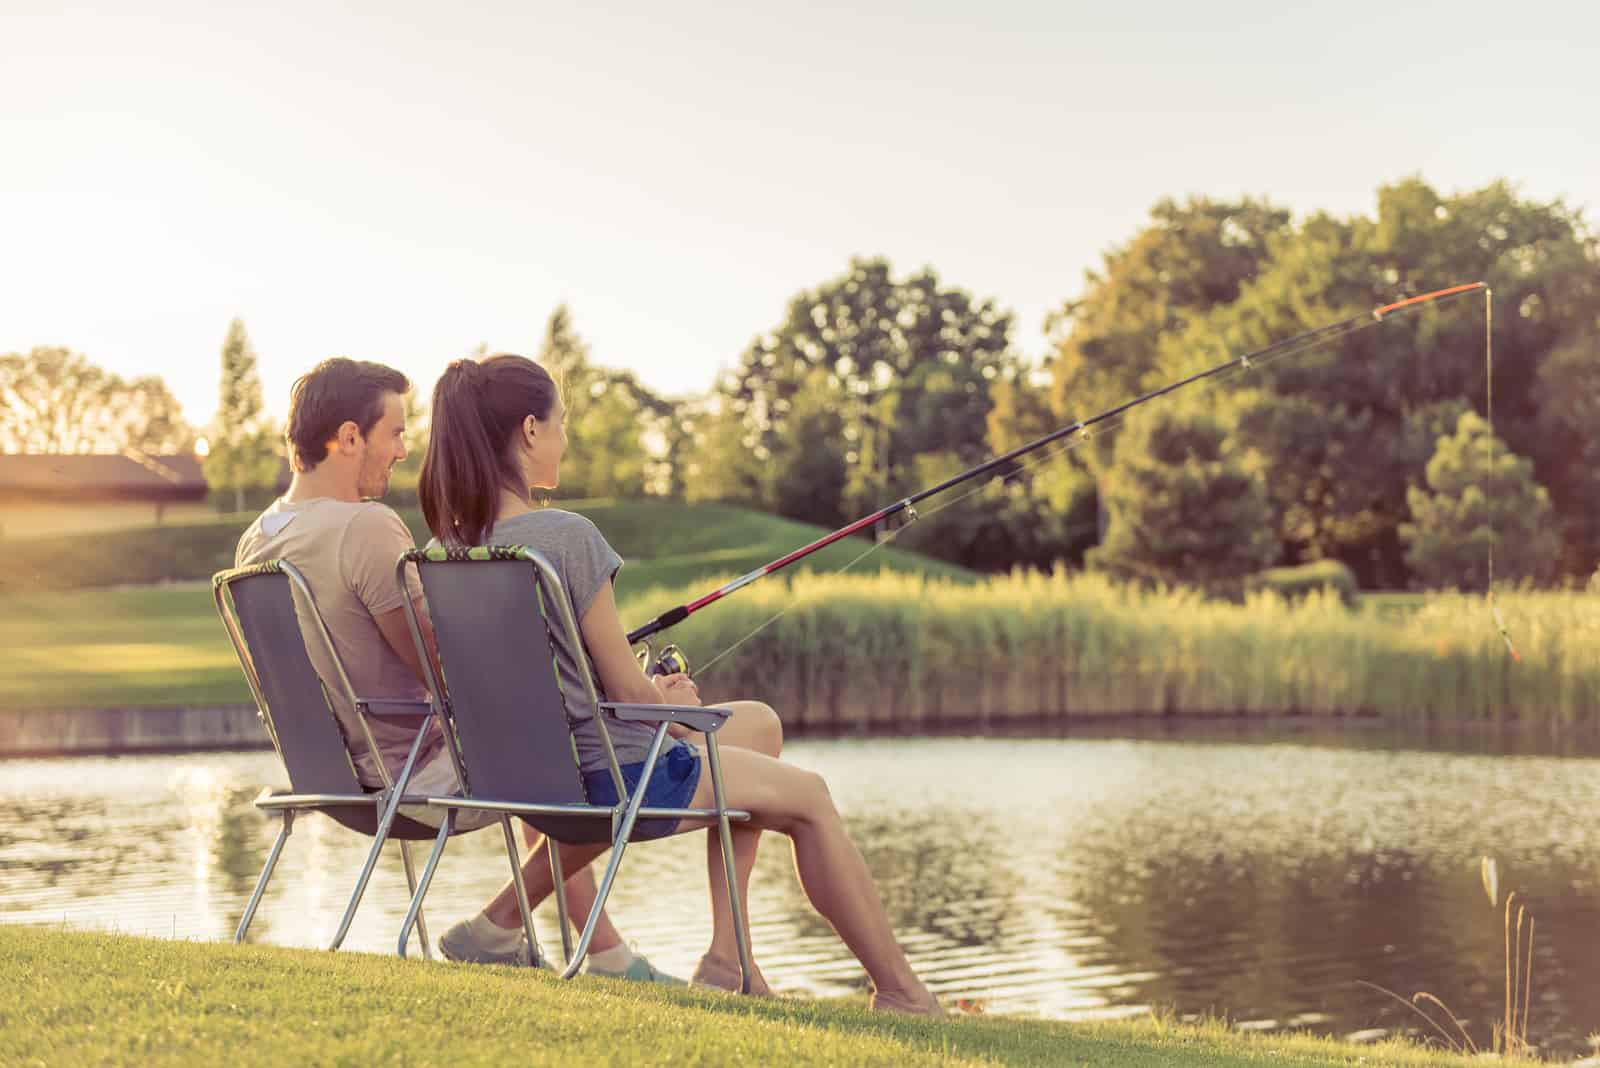 junges Paar sitzt und fischt